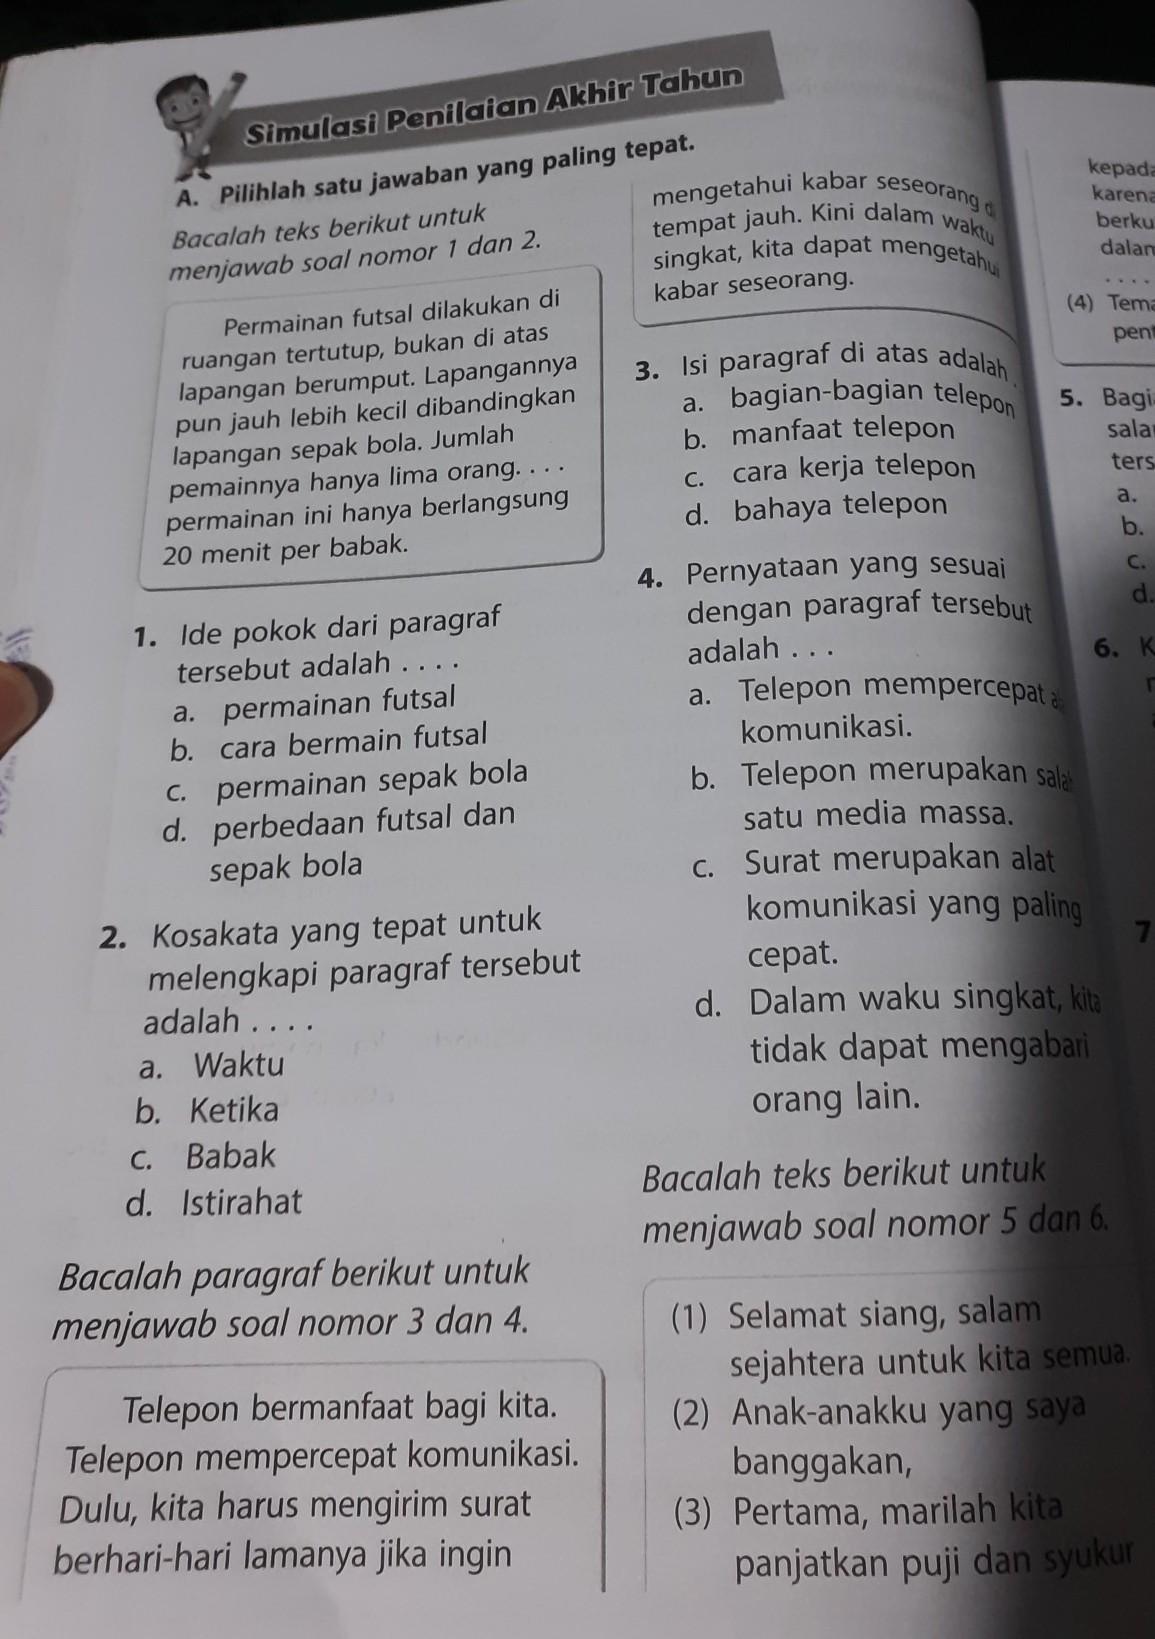 Peraturan Futsal Singkat : peraturan, futsal, singkat, Bahasa, Indonesiaperaturan, U_U-no, Copas-no, Nyontek-no, Brainly.co.id